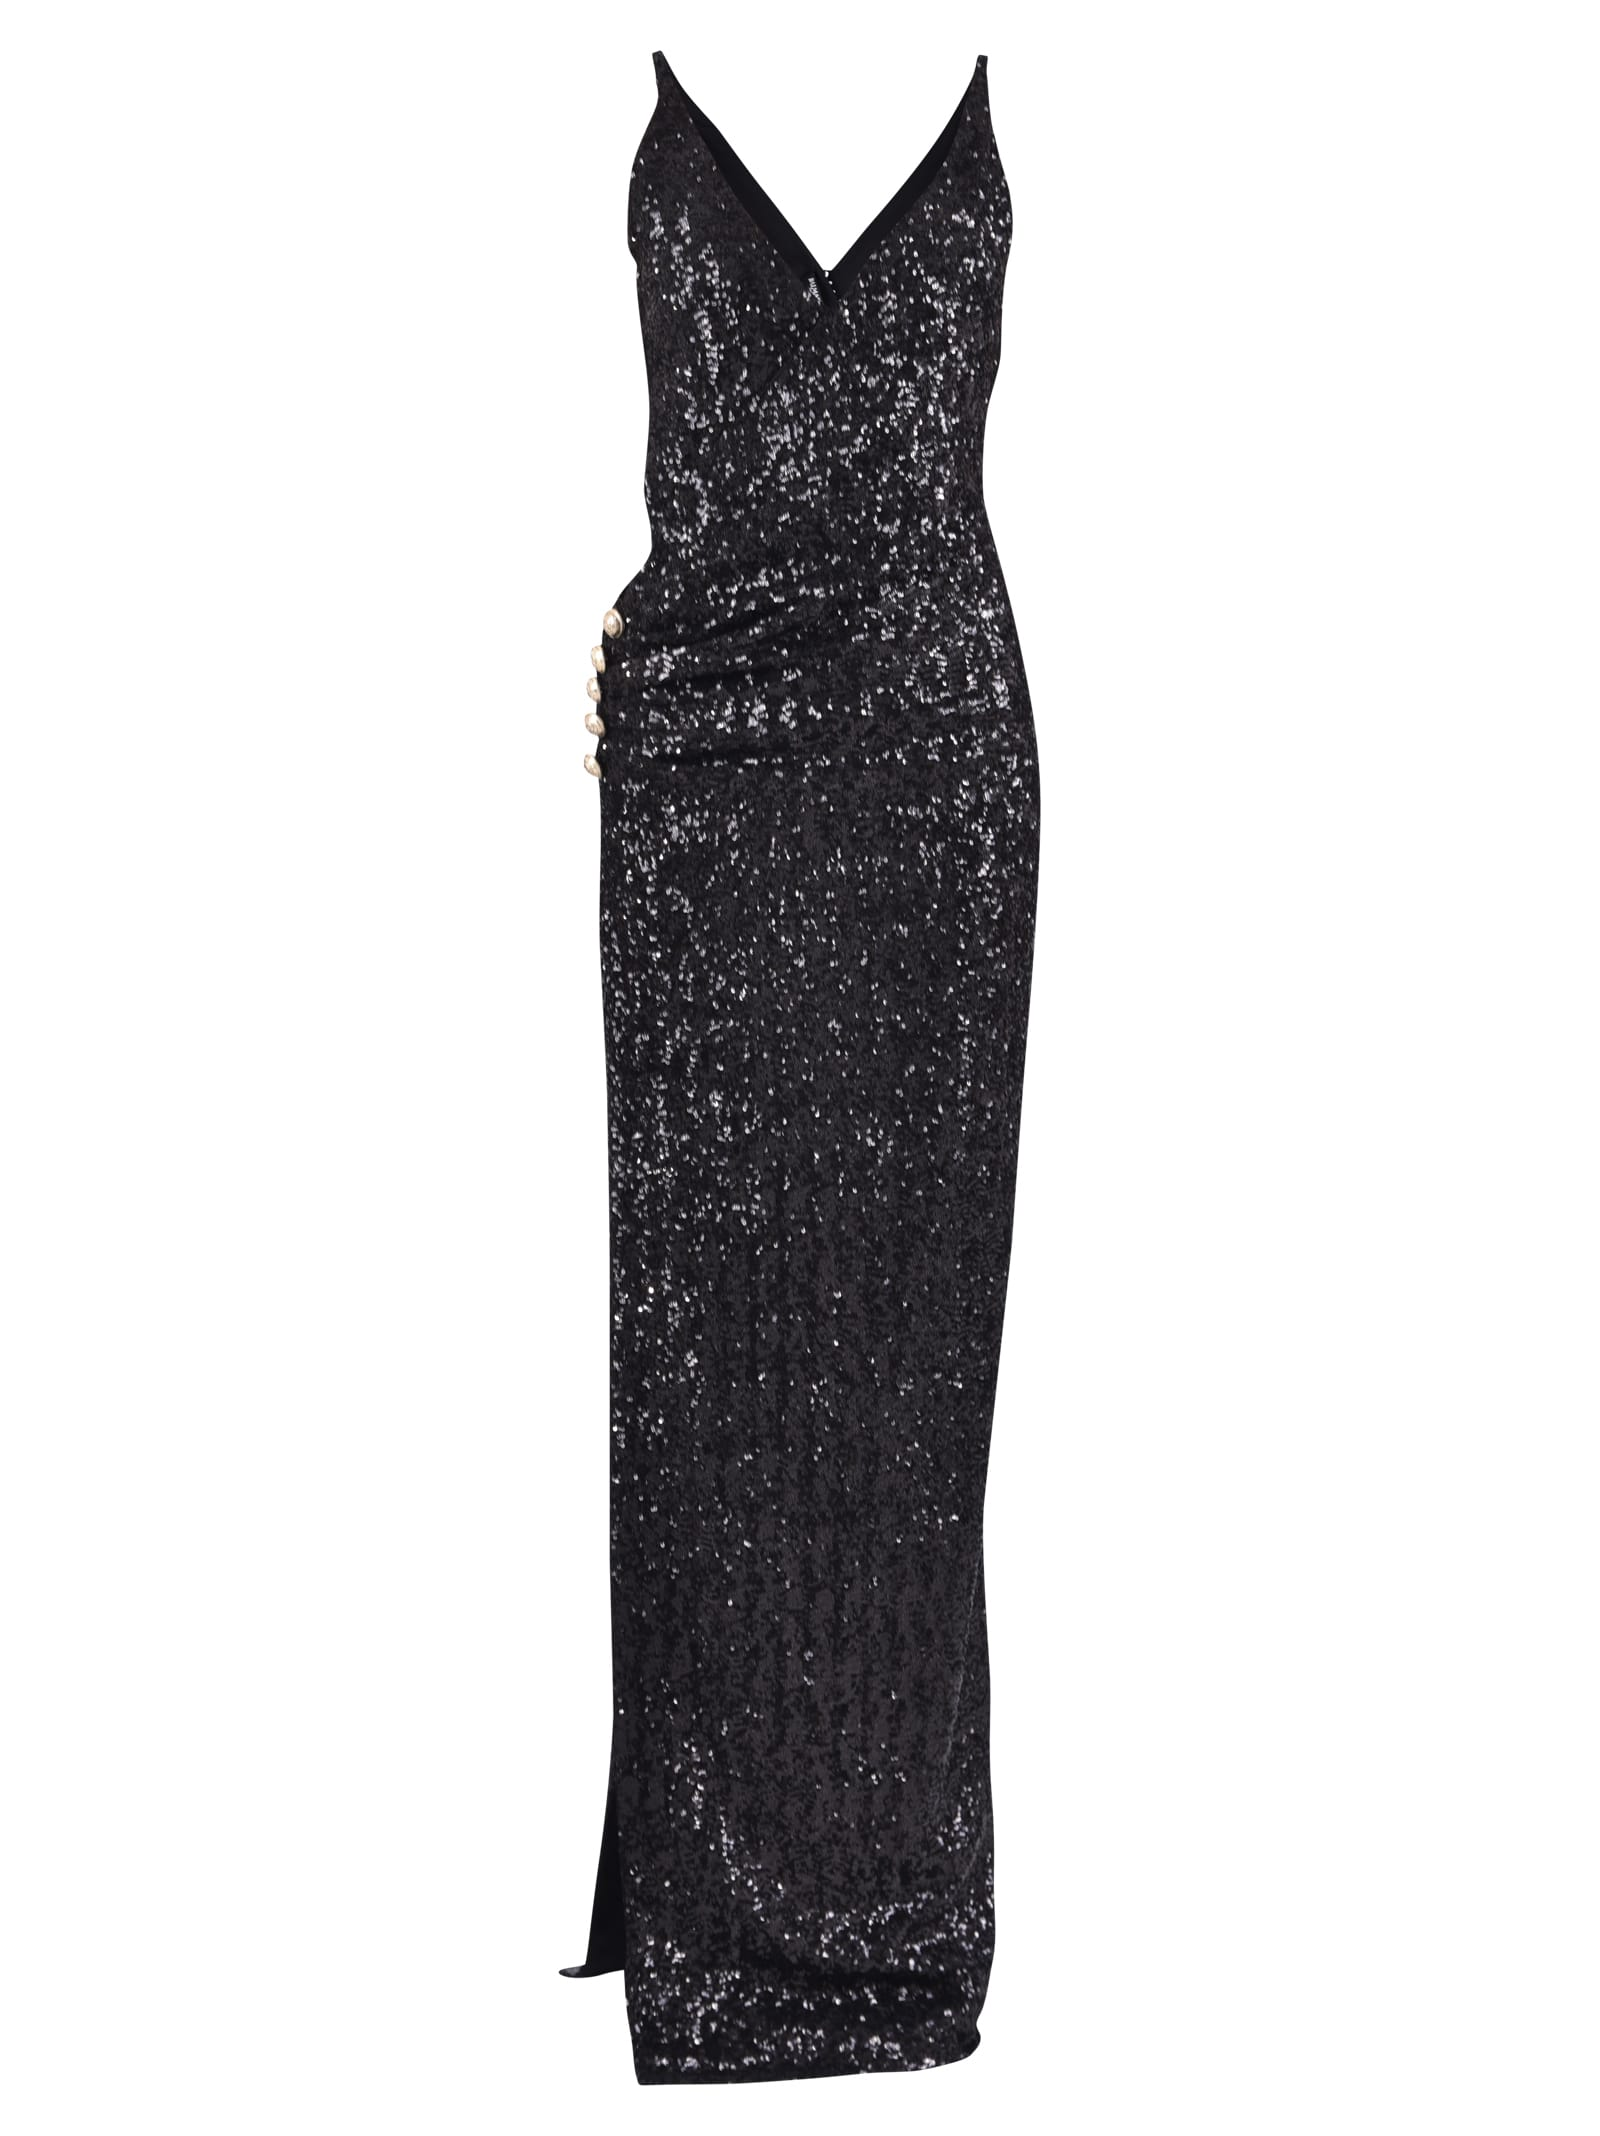 Balmain Sequinned Dress